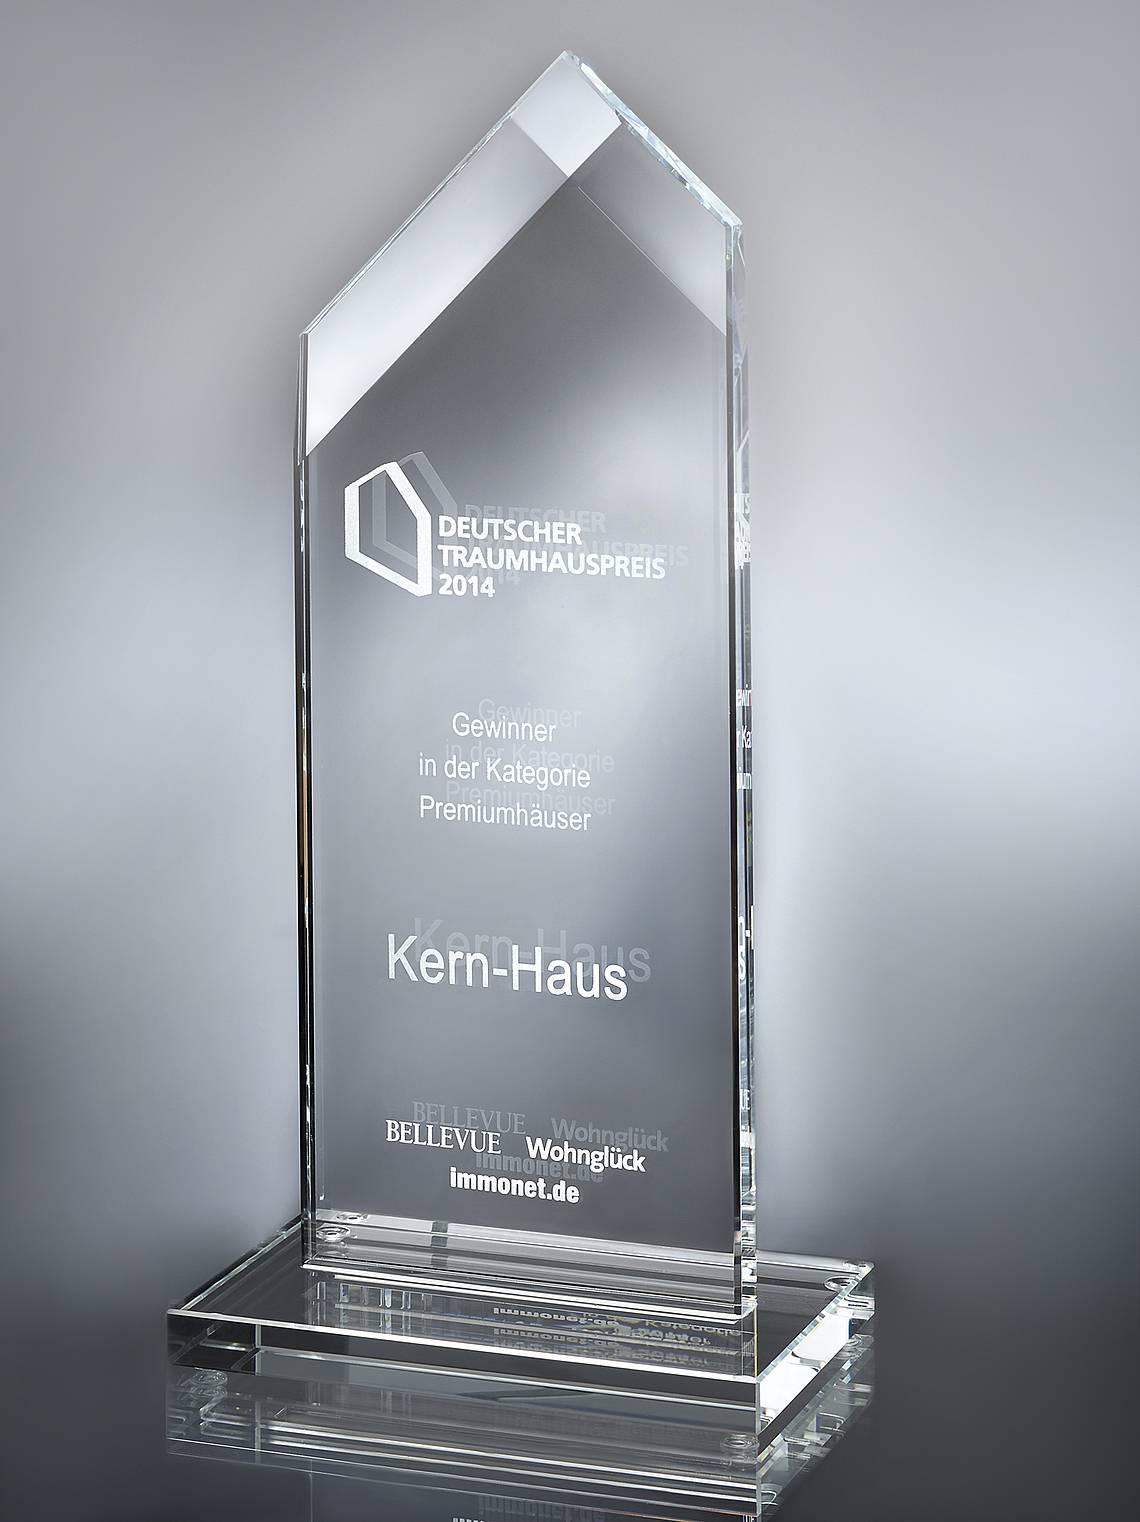 Trophäe Deutscher Traumhauspreis 2014 für Stadtvilla Aurelio von Kern-Haus